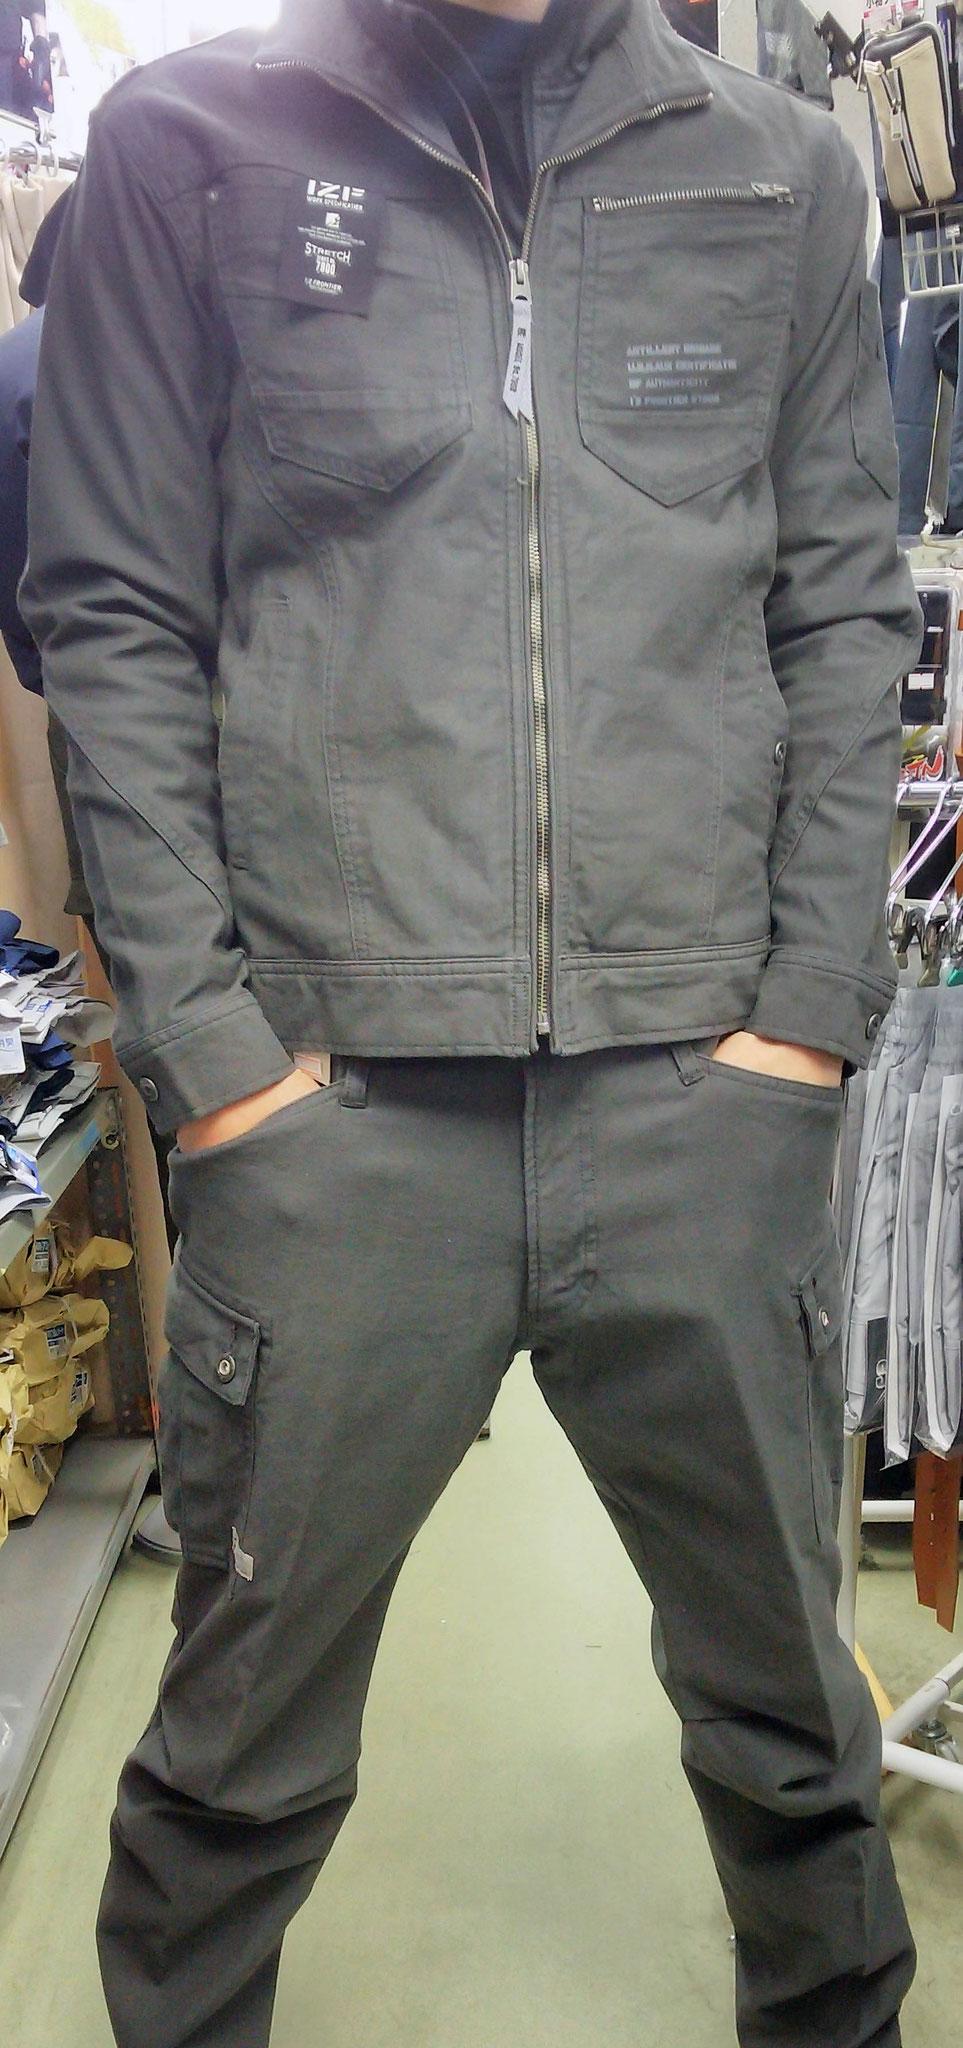 I'Z FRONTIER~アイズフロンティア~ 7908 SERIES 着てみました。3Dカッティングなので、着ていて楽です。